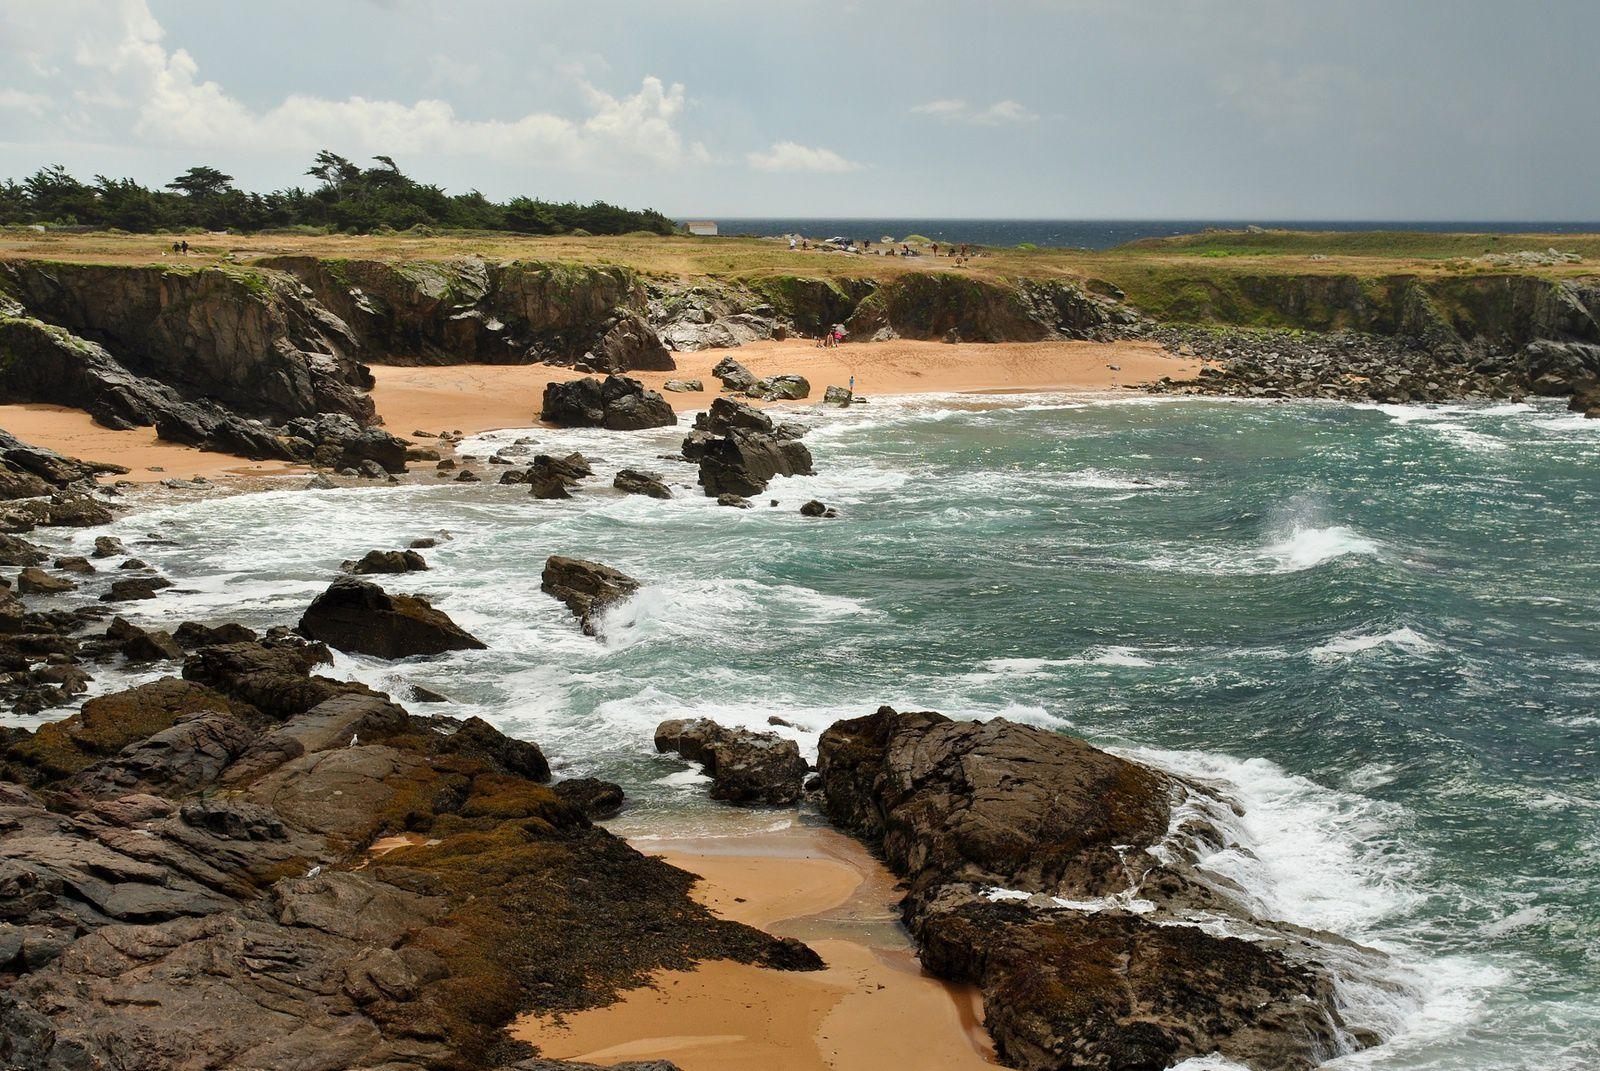 L'ile d'Yeu: La côte sauvage. (photo rediffusée)